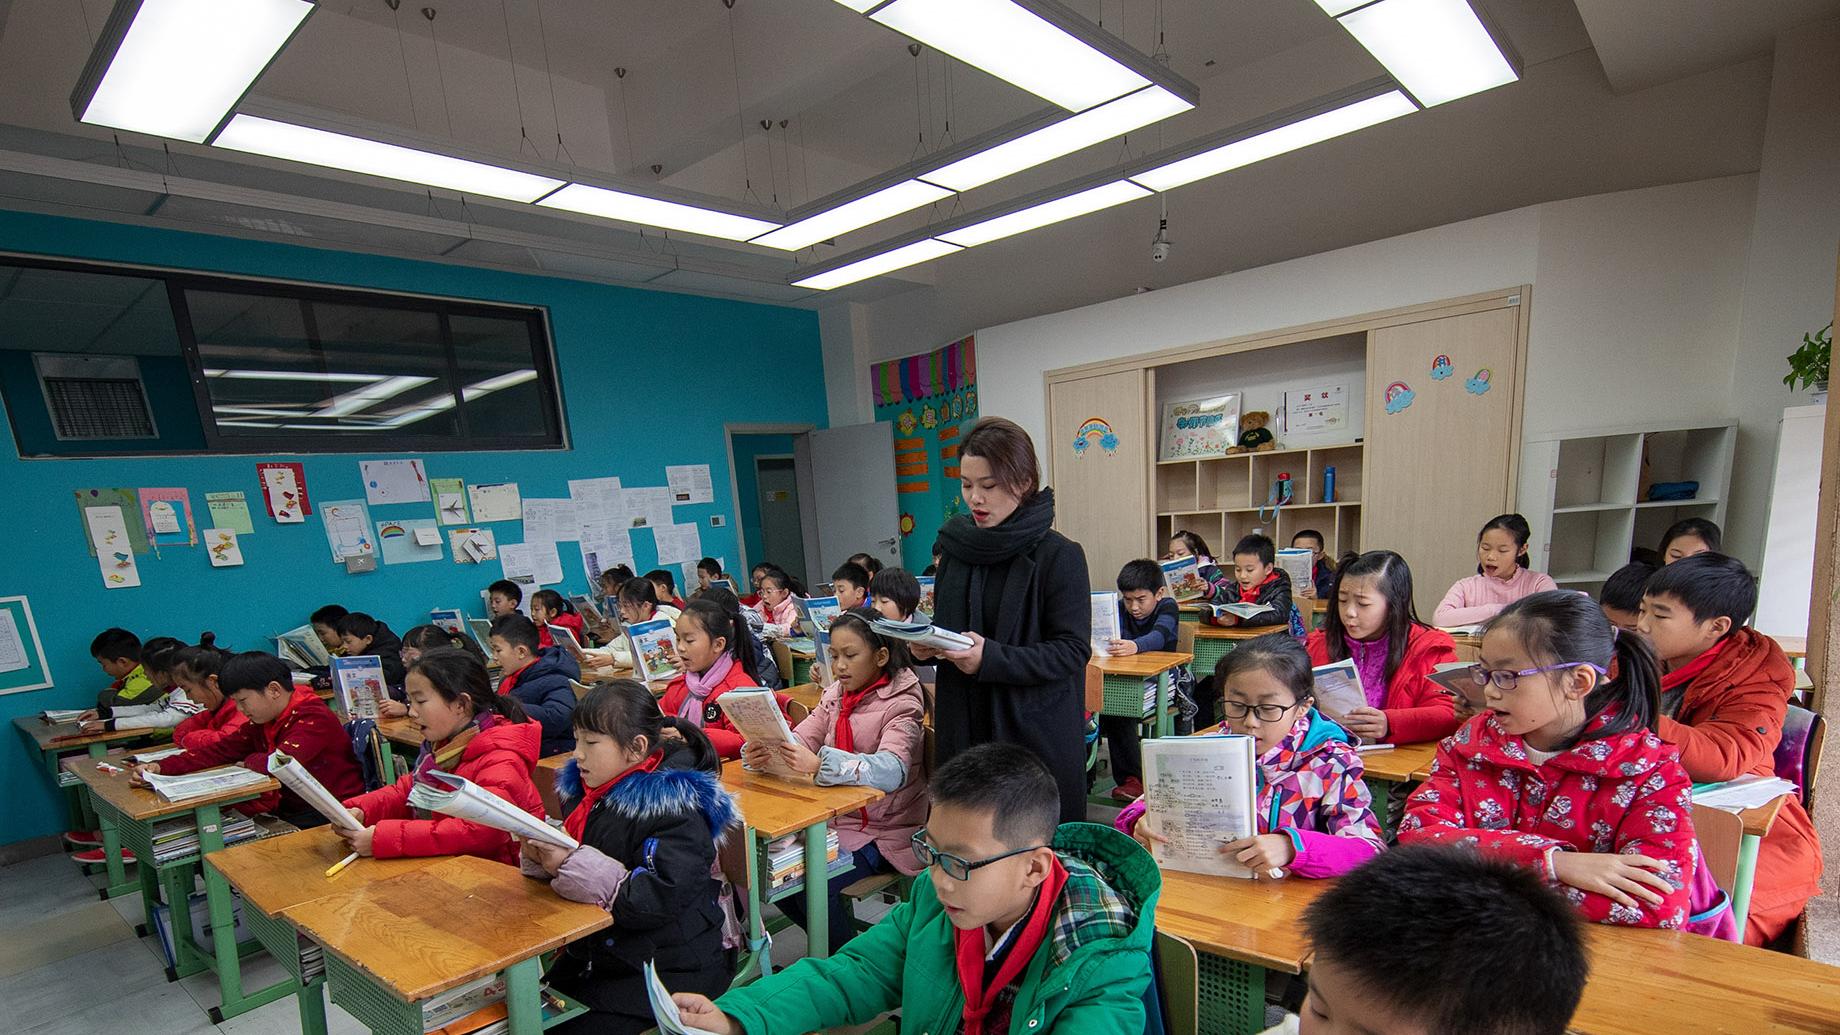 老师向学生科普性<font color=red>教育</font>引家长不满 网友们炸了!